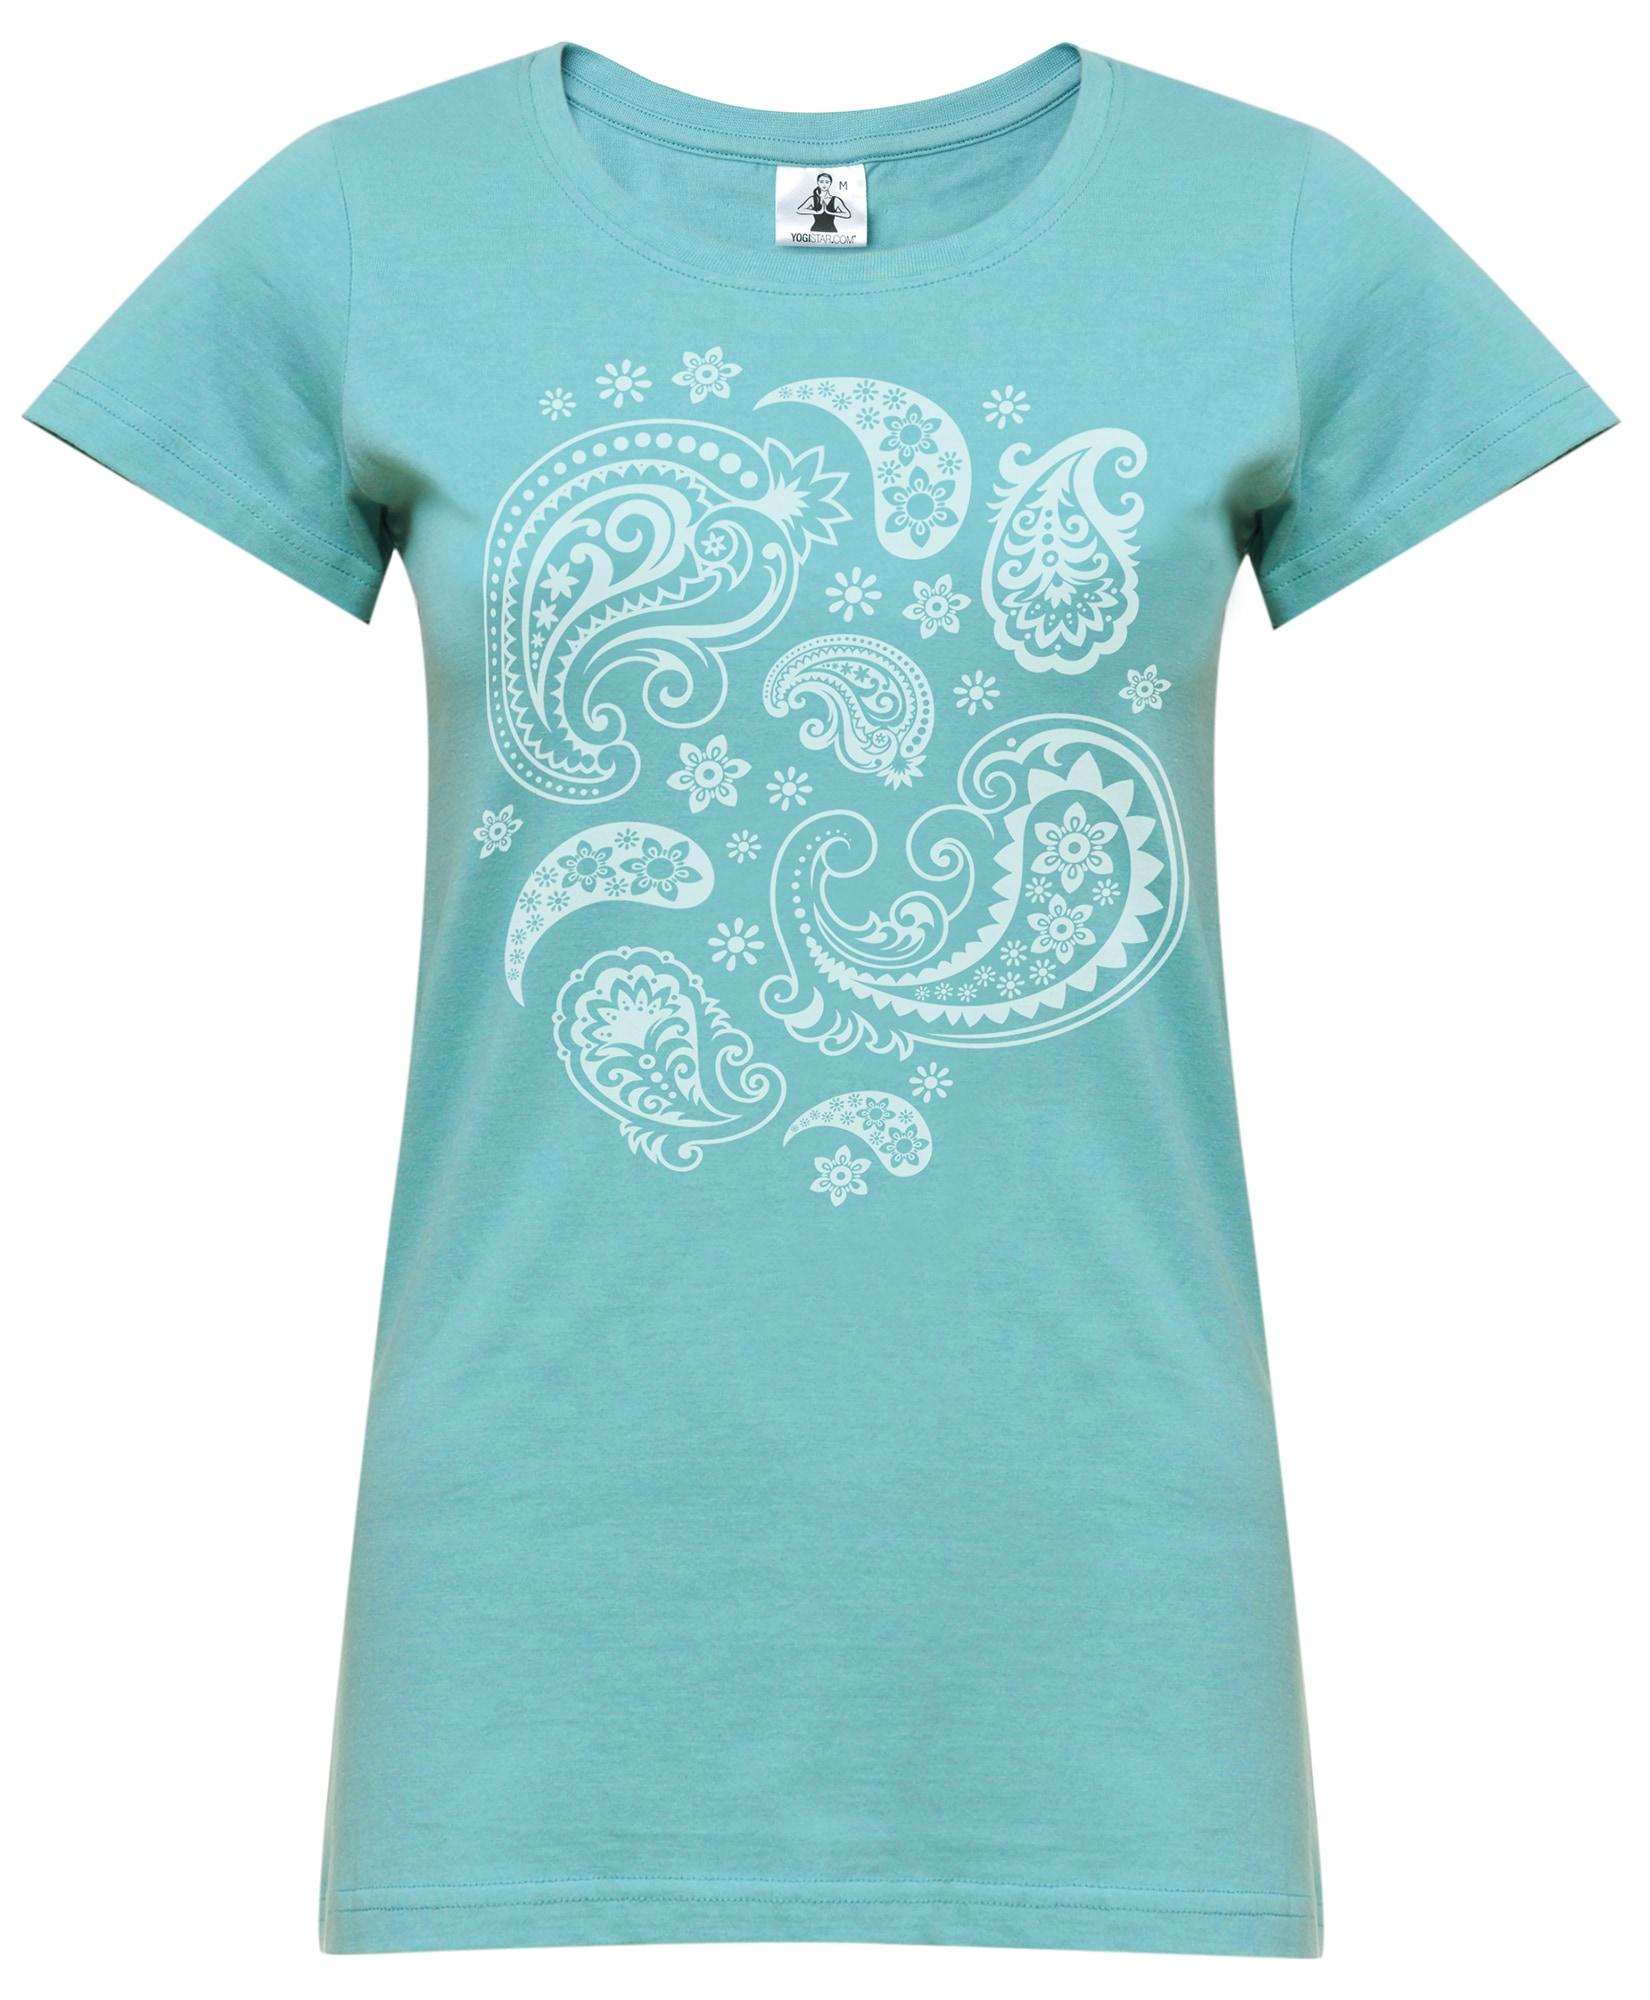 Yoga-t-shirt 'Paisley' | Sportbekleidung > Sportshirts > Yogashirts | YOGISTAR.COM